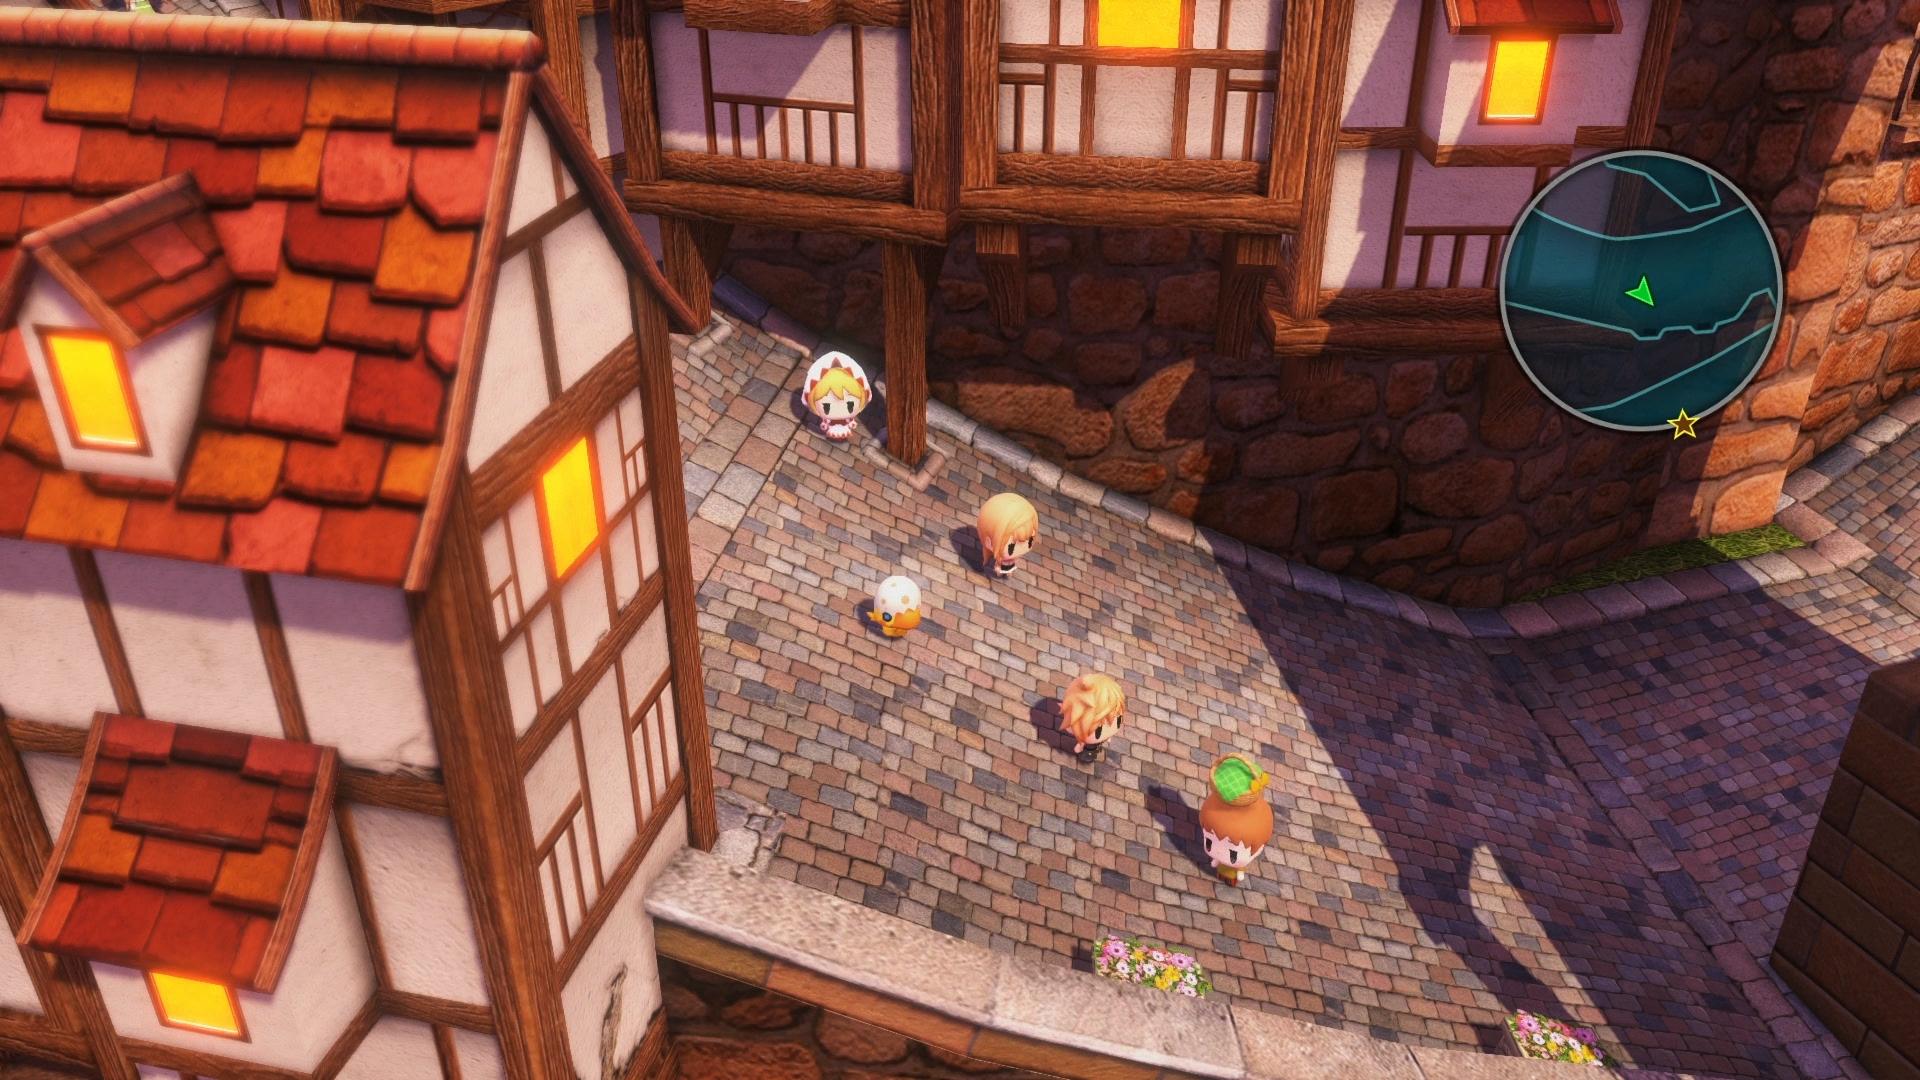 World of Final Fantasy vypadá na obrázcích pohádkově 130353